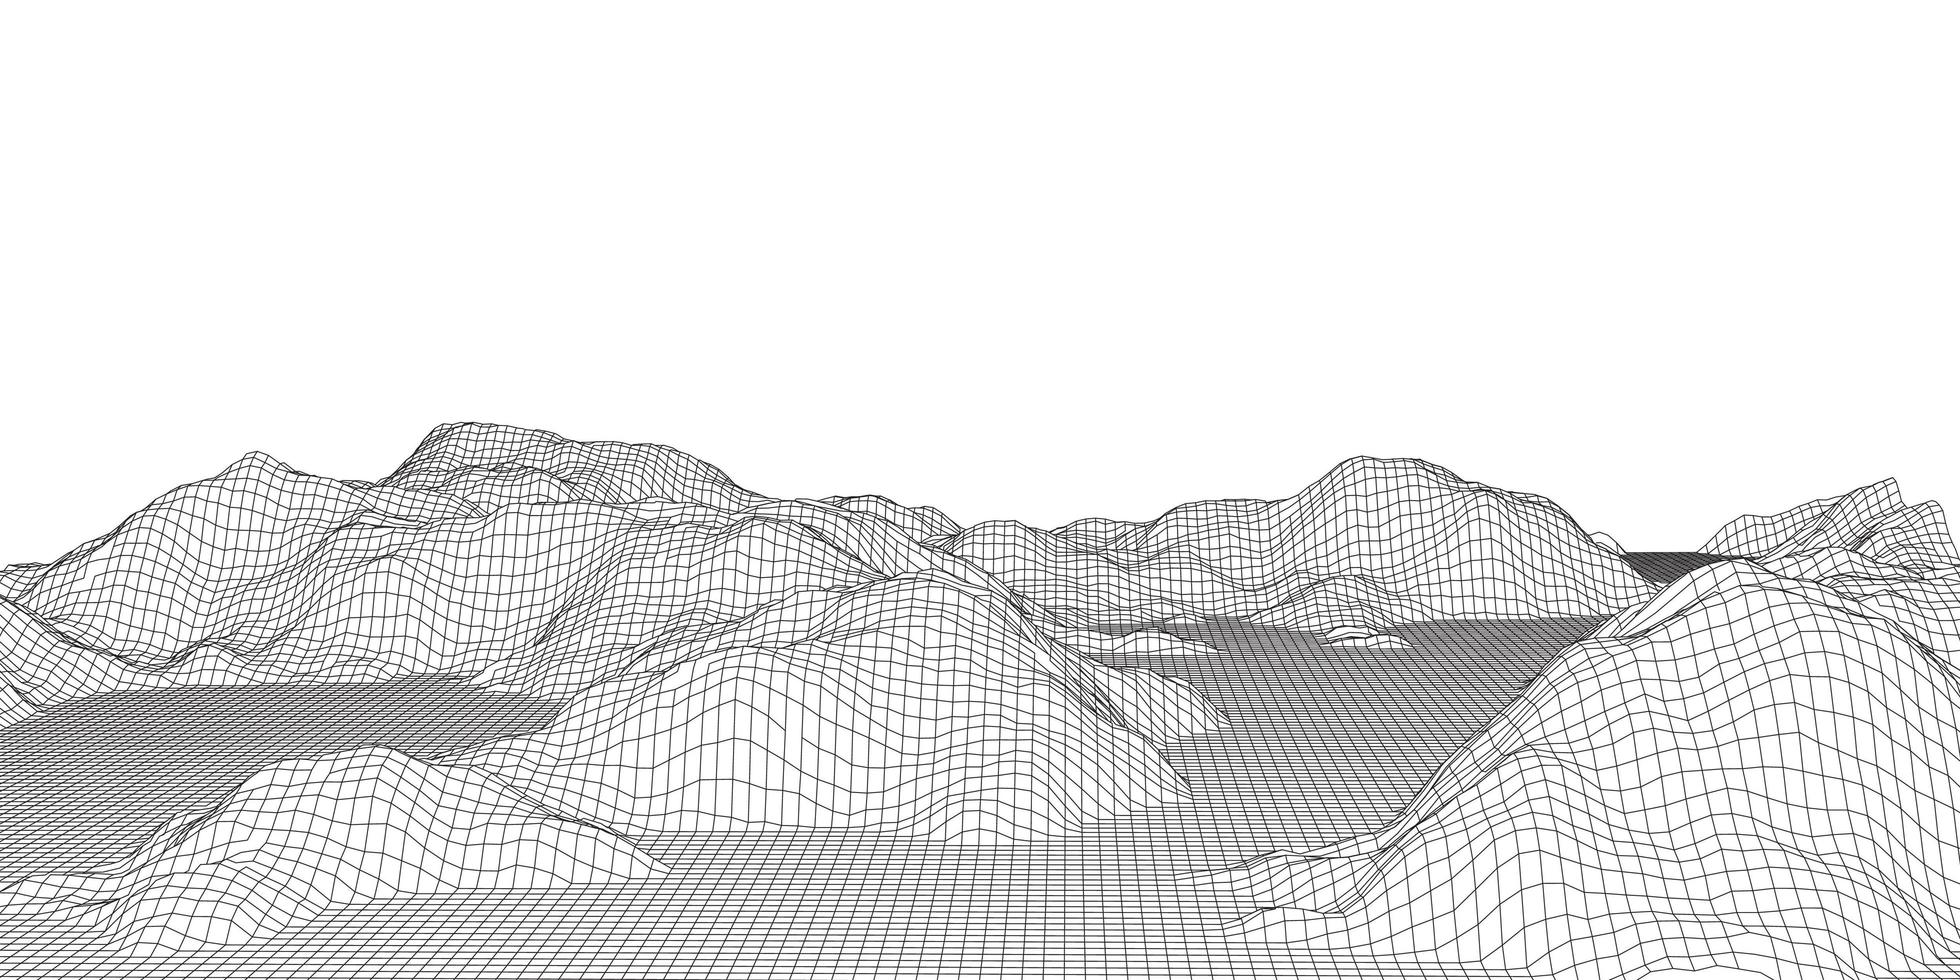 terreno wireframe in bianco e nero vettore